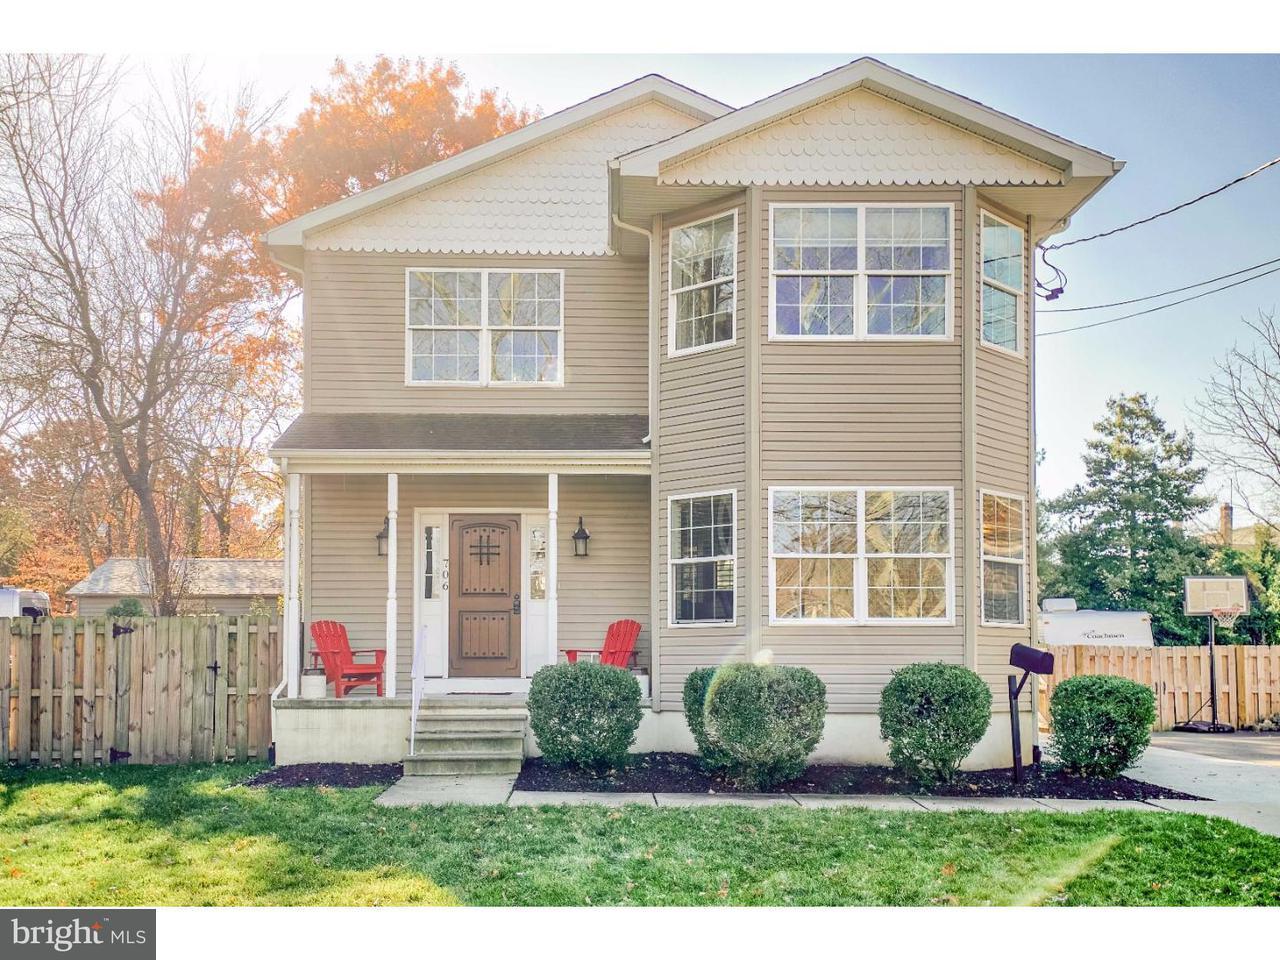 独户住宅 为 销售 在 706 MAIN Street Riverton, 新泽西州 08077 美国